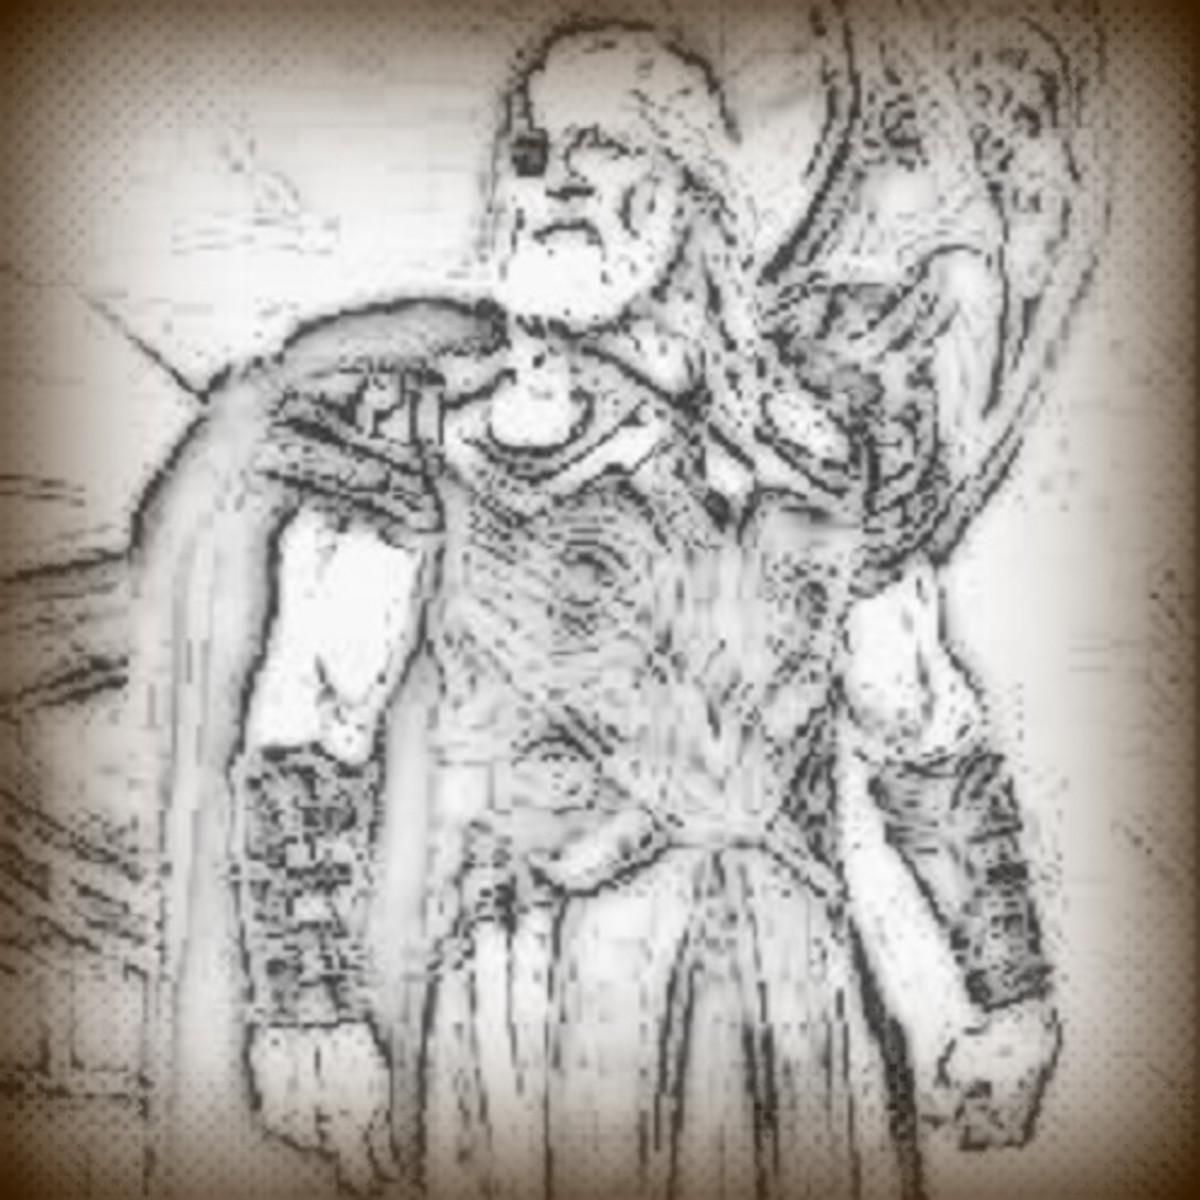 Odin, Lord of Asgard.